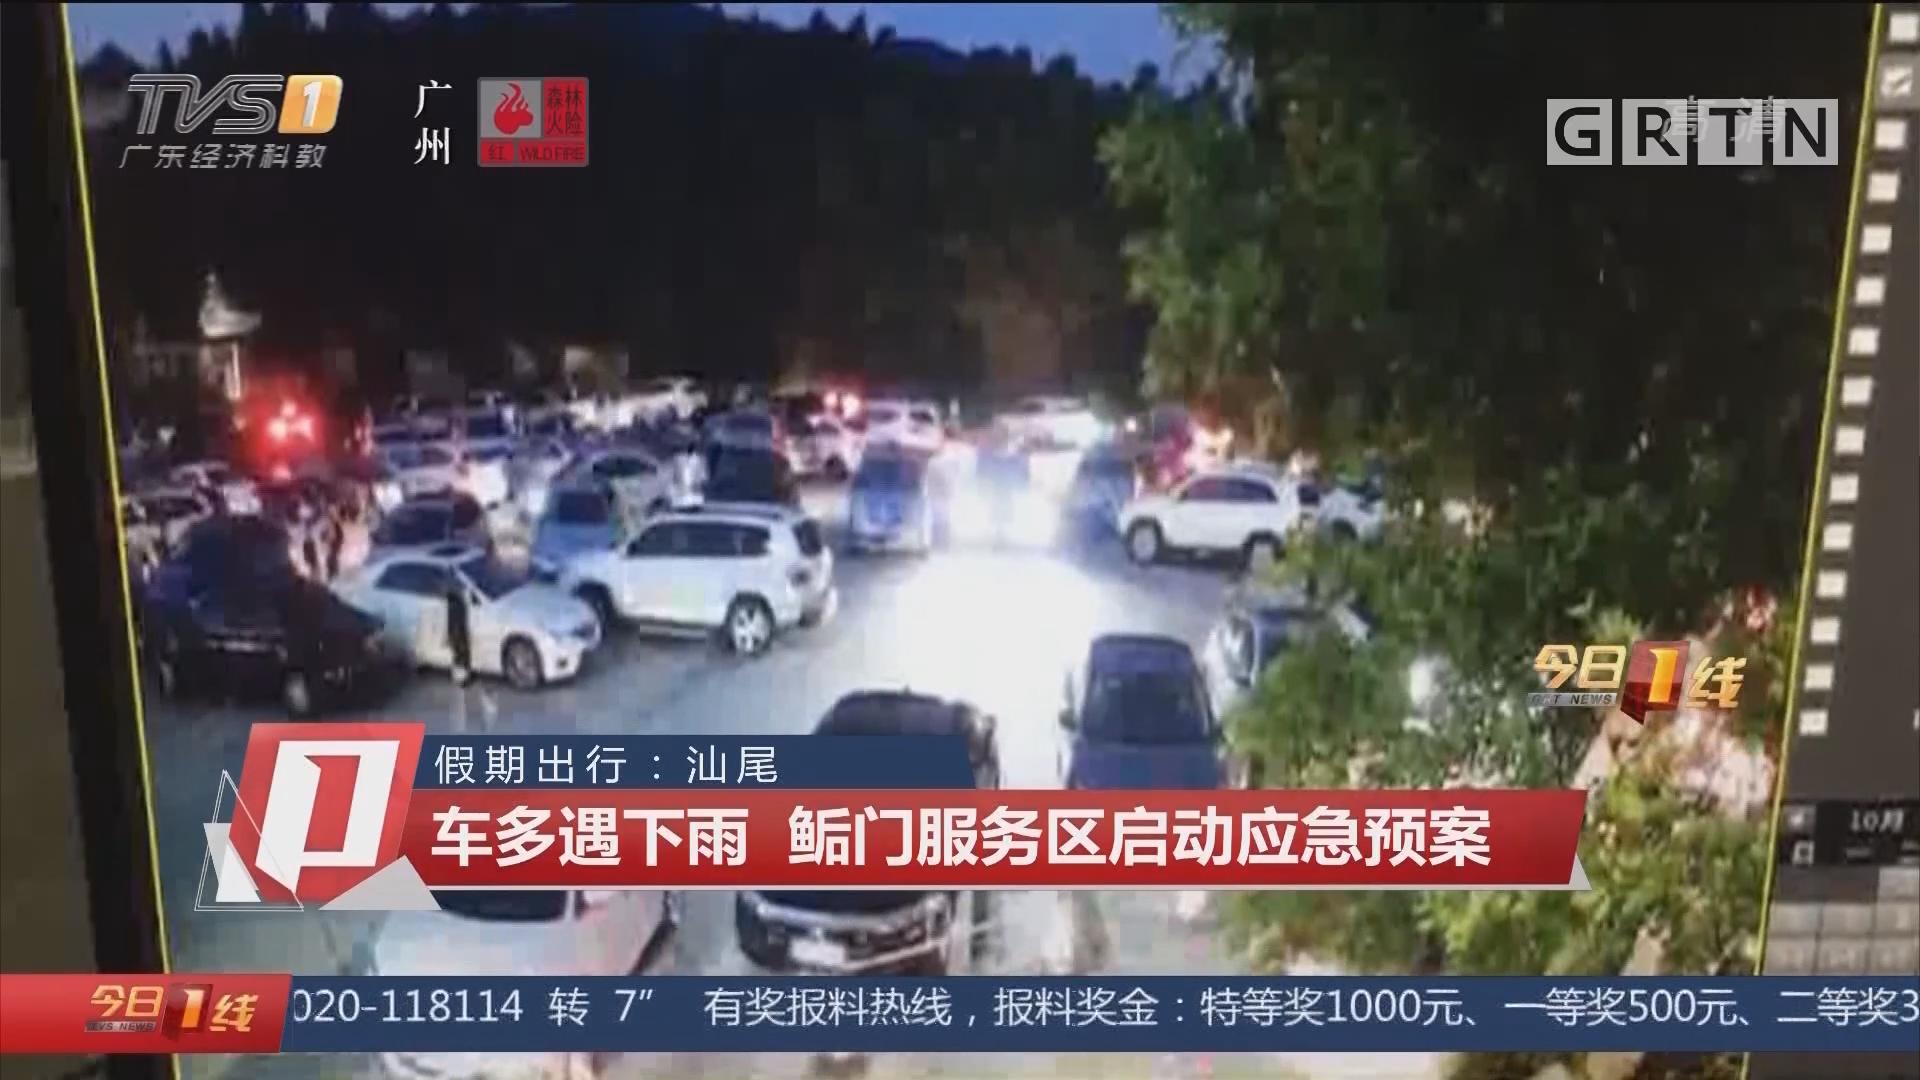 假期出行:汕尾 車多遇下雨 鲘門服務區啟動應急預案